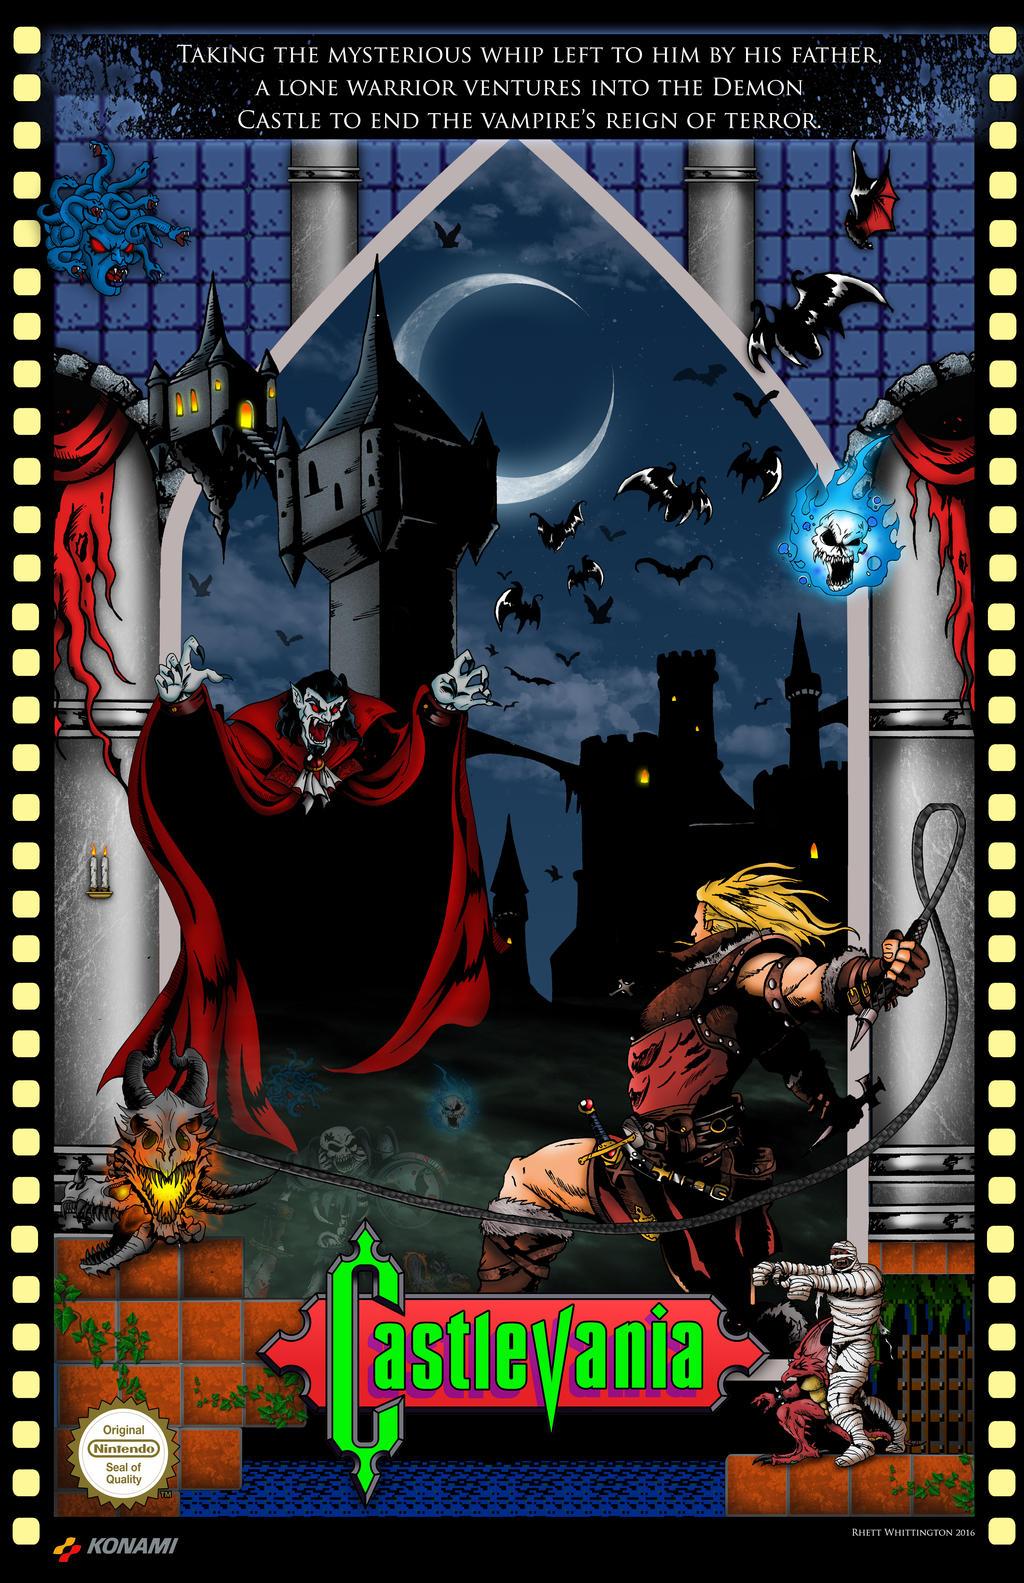 Castlevania NES Poster by whittingtonrhett